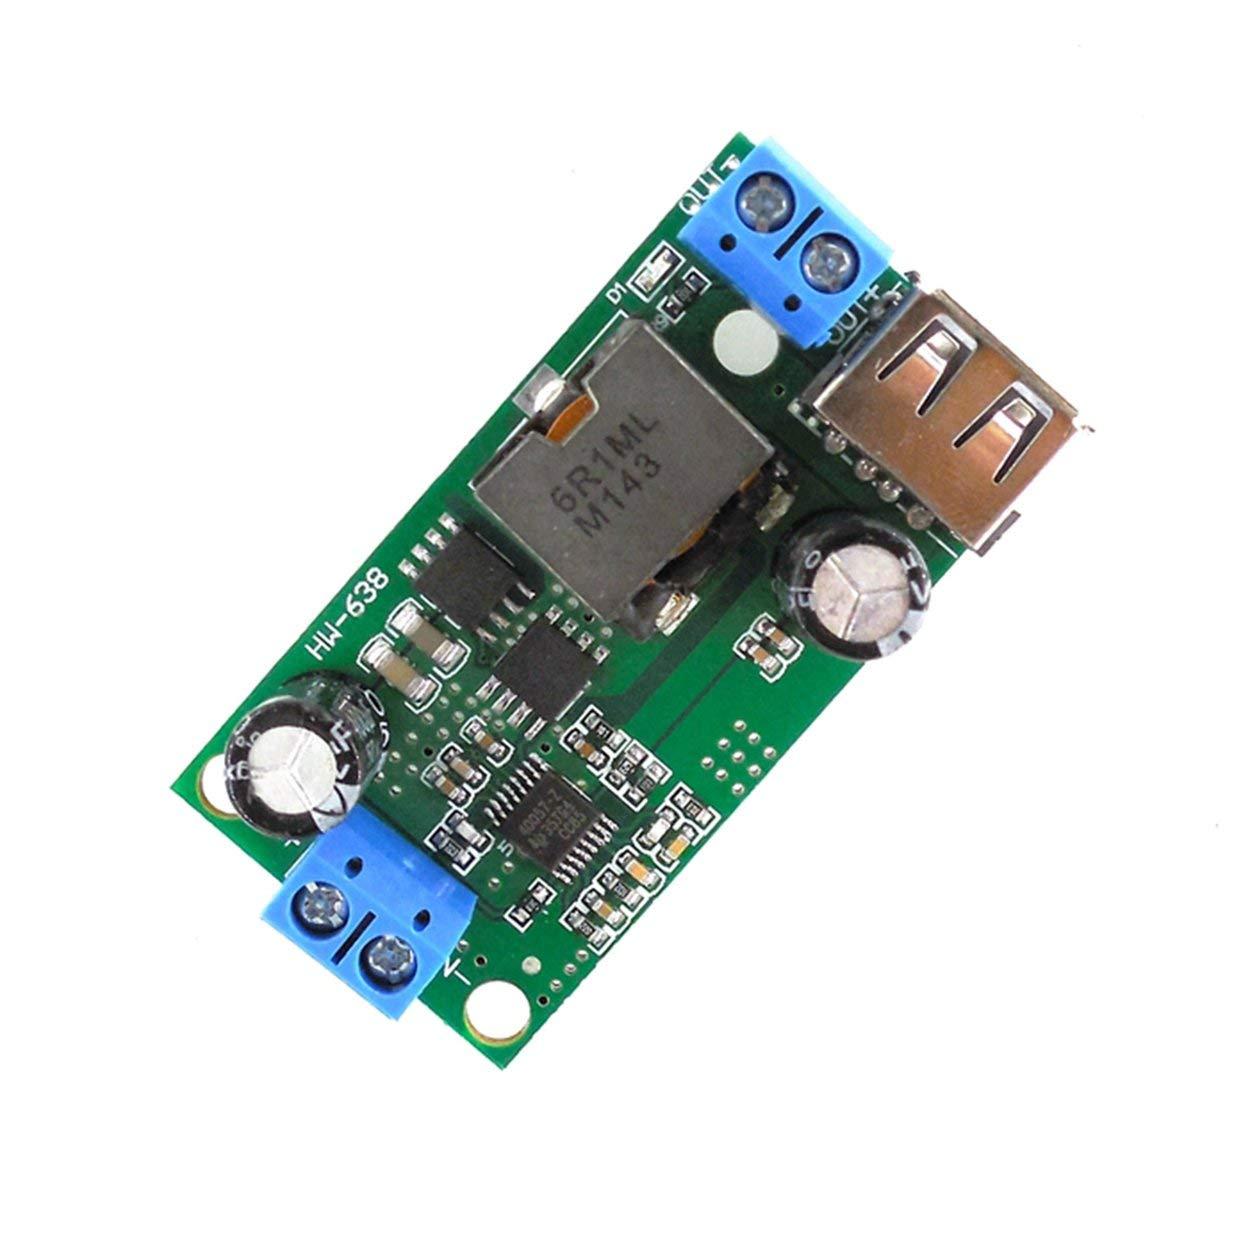 Lofenlli Fit HW-638 Module abaisseur de Tension 9V 36V /à 5V CC-CC stabilisateur de Tension /à convertisseur de Puissance r/égul/é int/égr/é 24V 12V